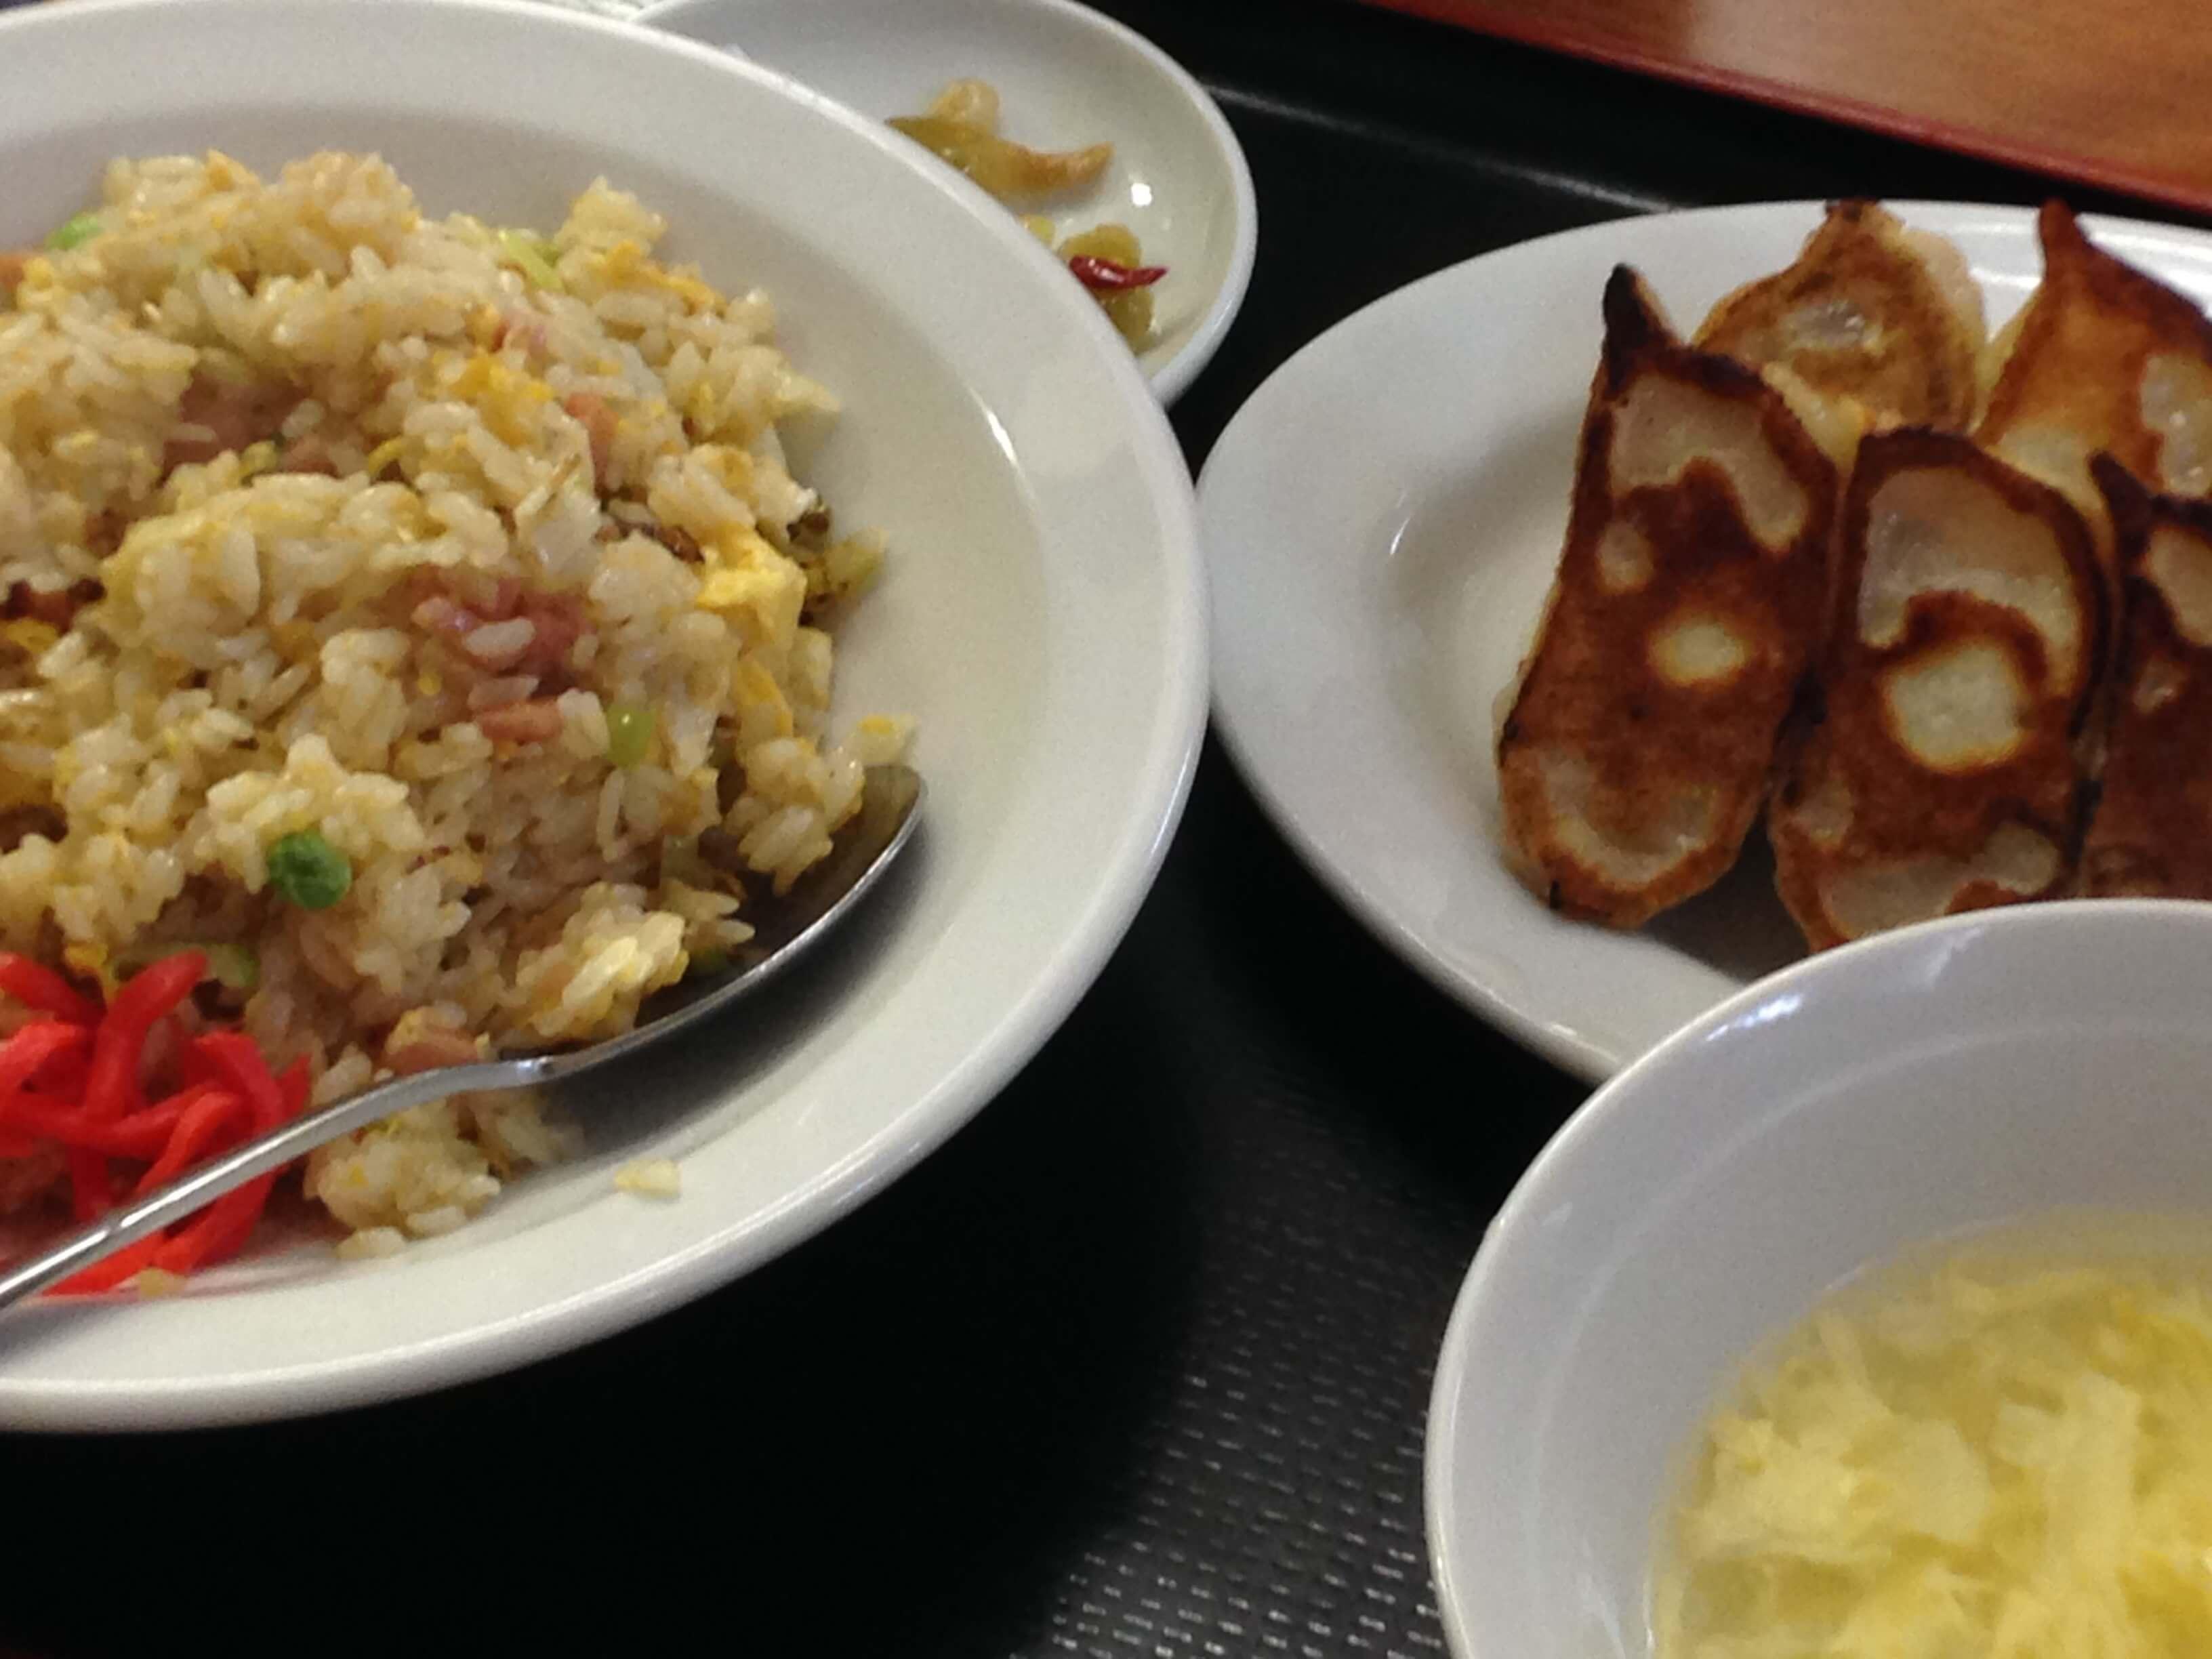 最強コスパ!カナギョーの定食で昼からお腹いっぱい!大満足 @ 金石餃子